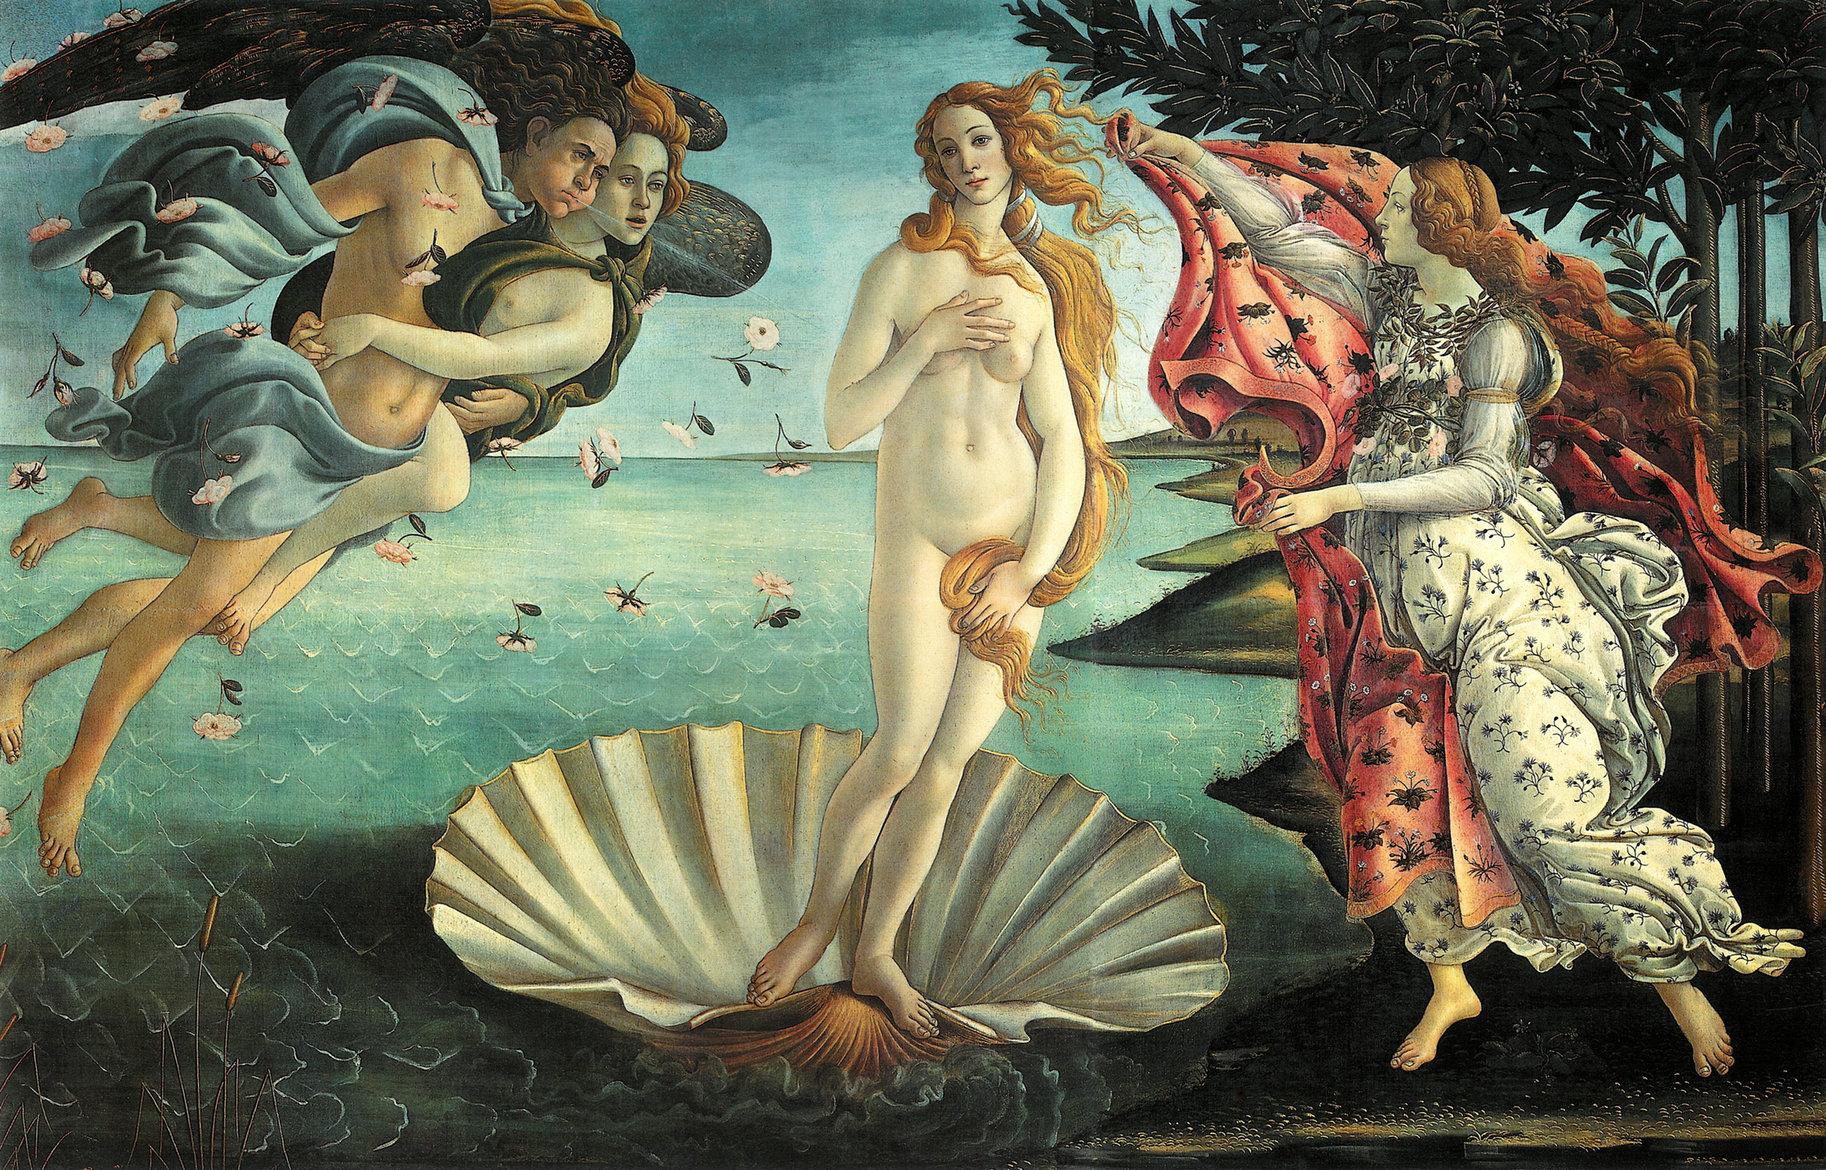 Efsane Zeusun Doğuşu: özet, anlam